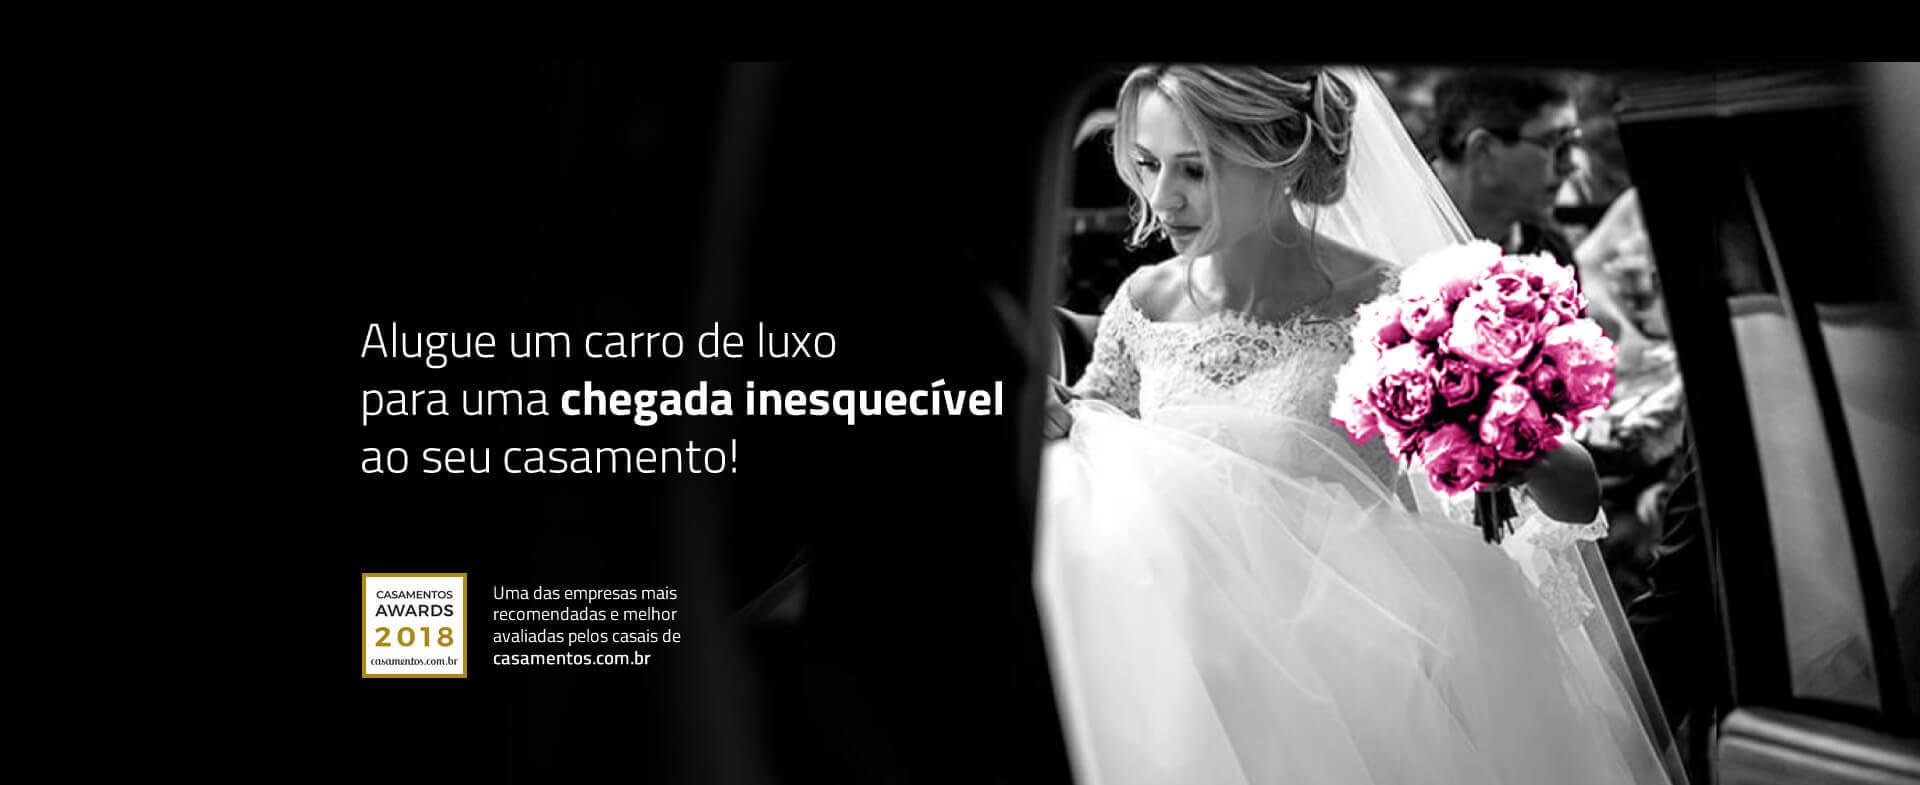 Alugue um carro de luxo para uma chegada inesquecível ao seu casamento!